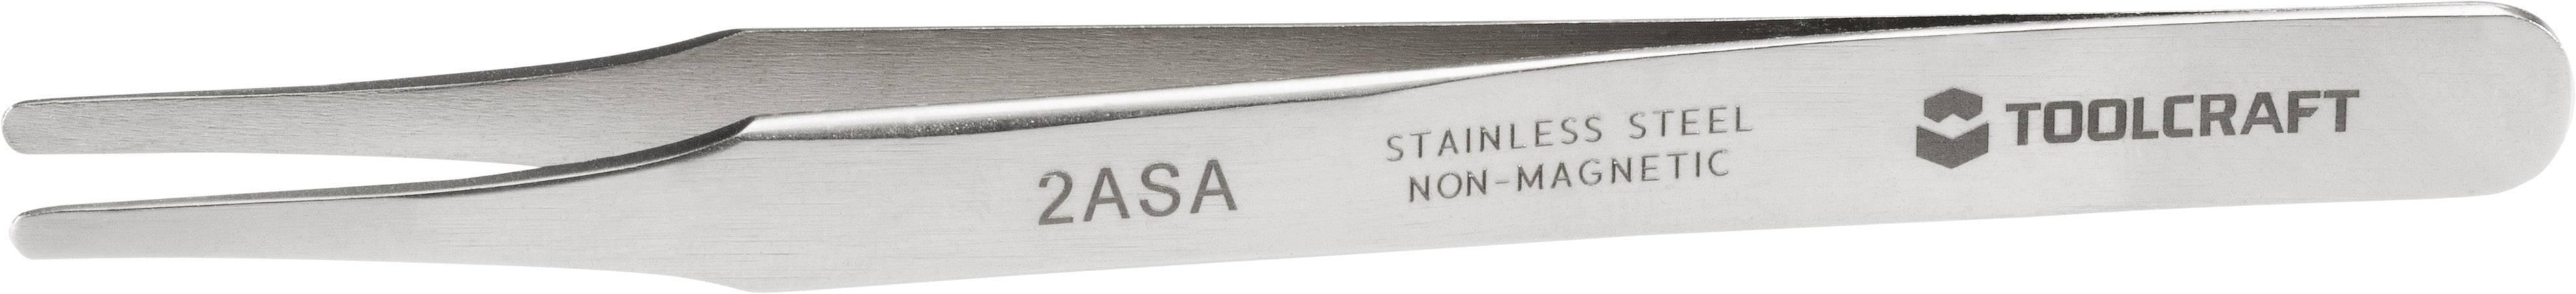 Nerezová pinzeta Toolcraft 2ASA, plochá kulatá a rovná, 120 mm